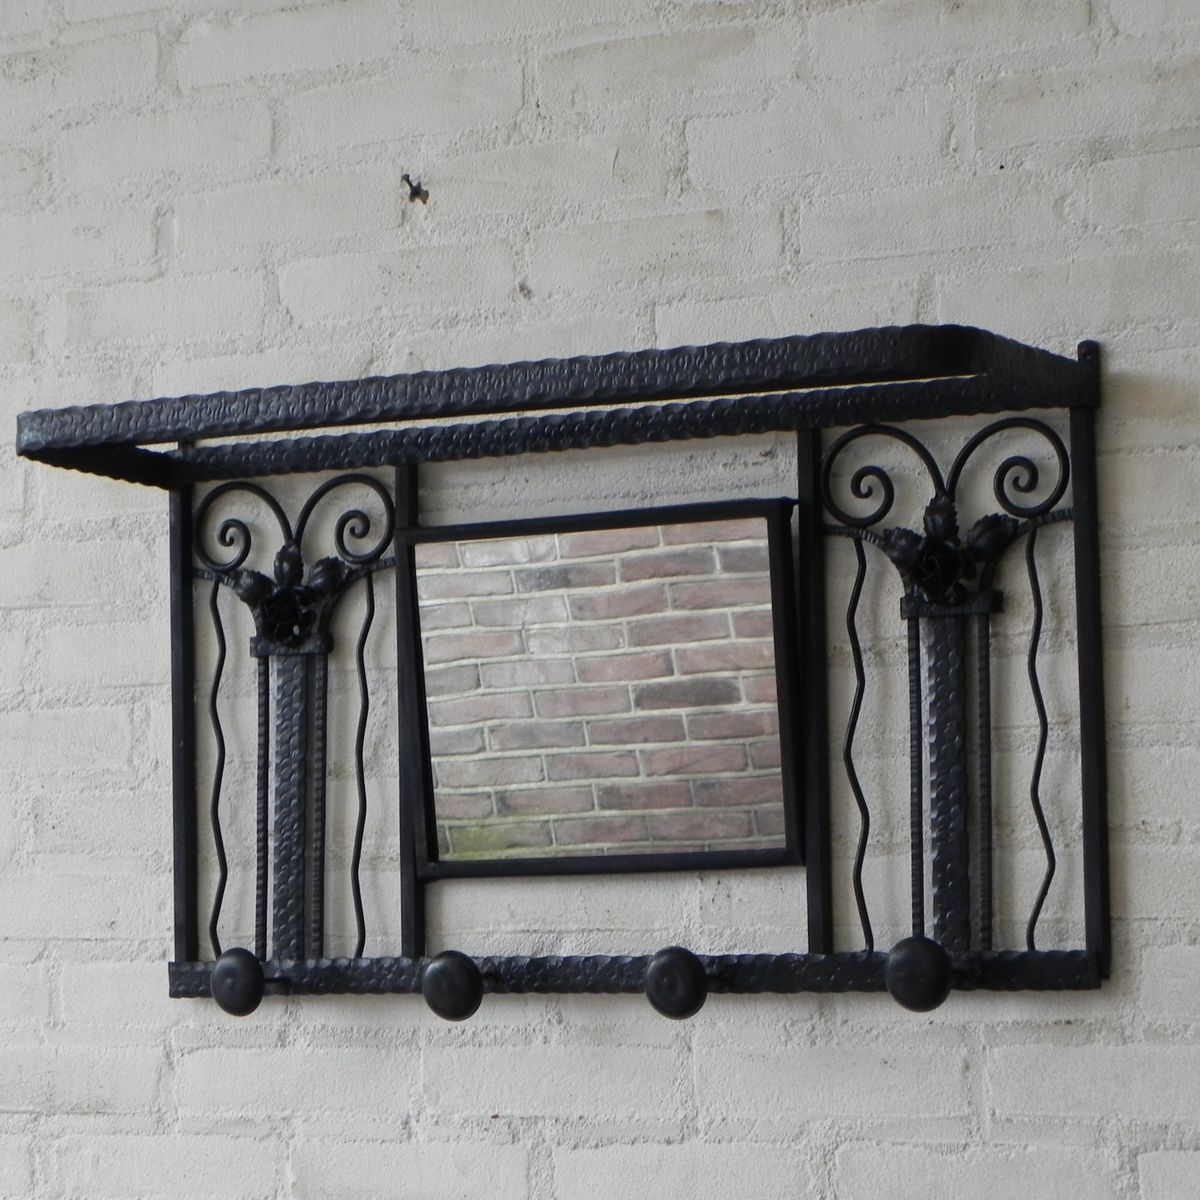 art deco kleiderst nder aus stahl mit spiegel 1930er bei. Black Bedroom Furniture Sets. Home Design Ideas